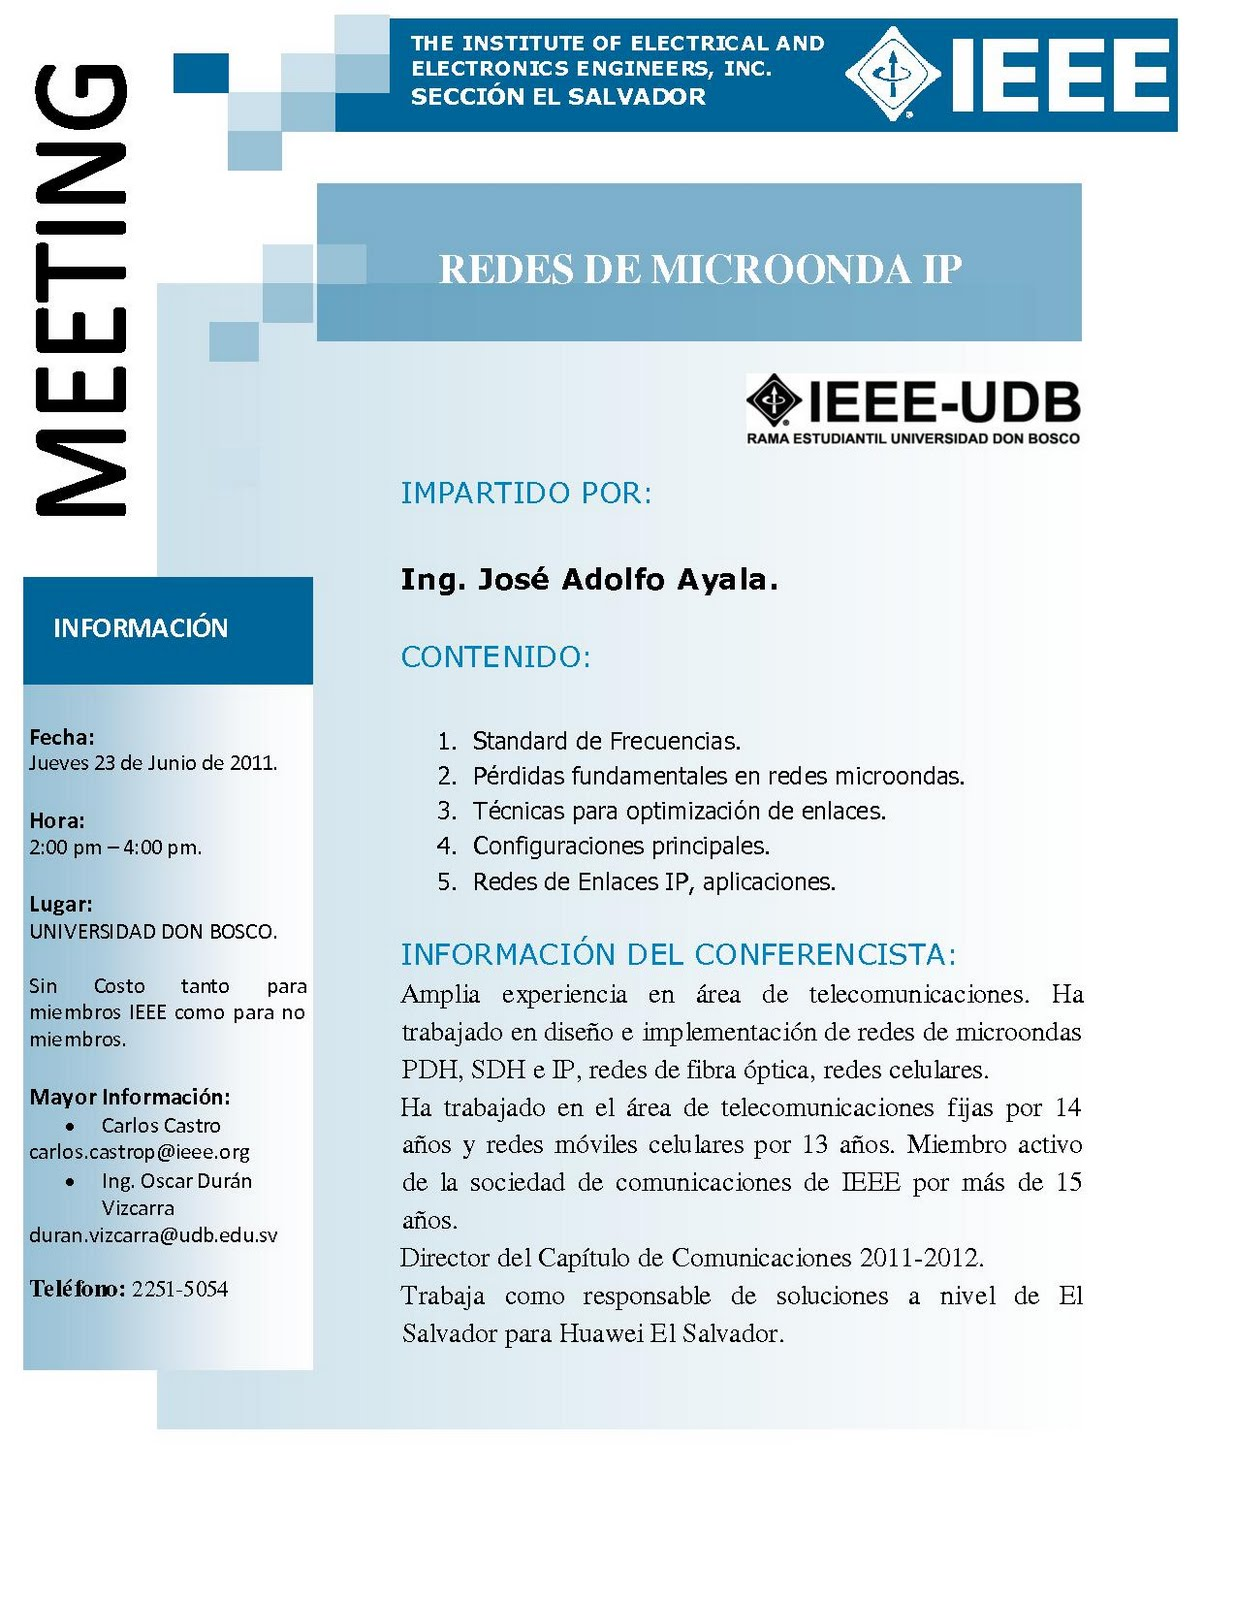 ASEIE - UES: 2011